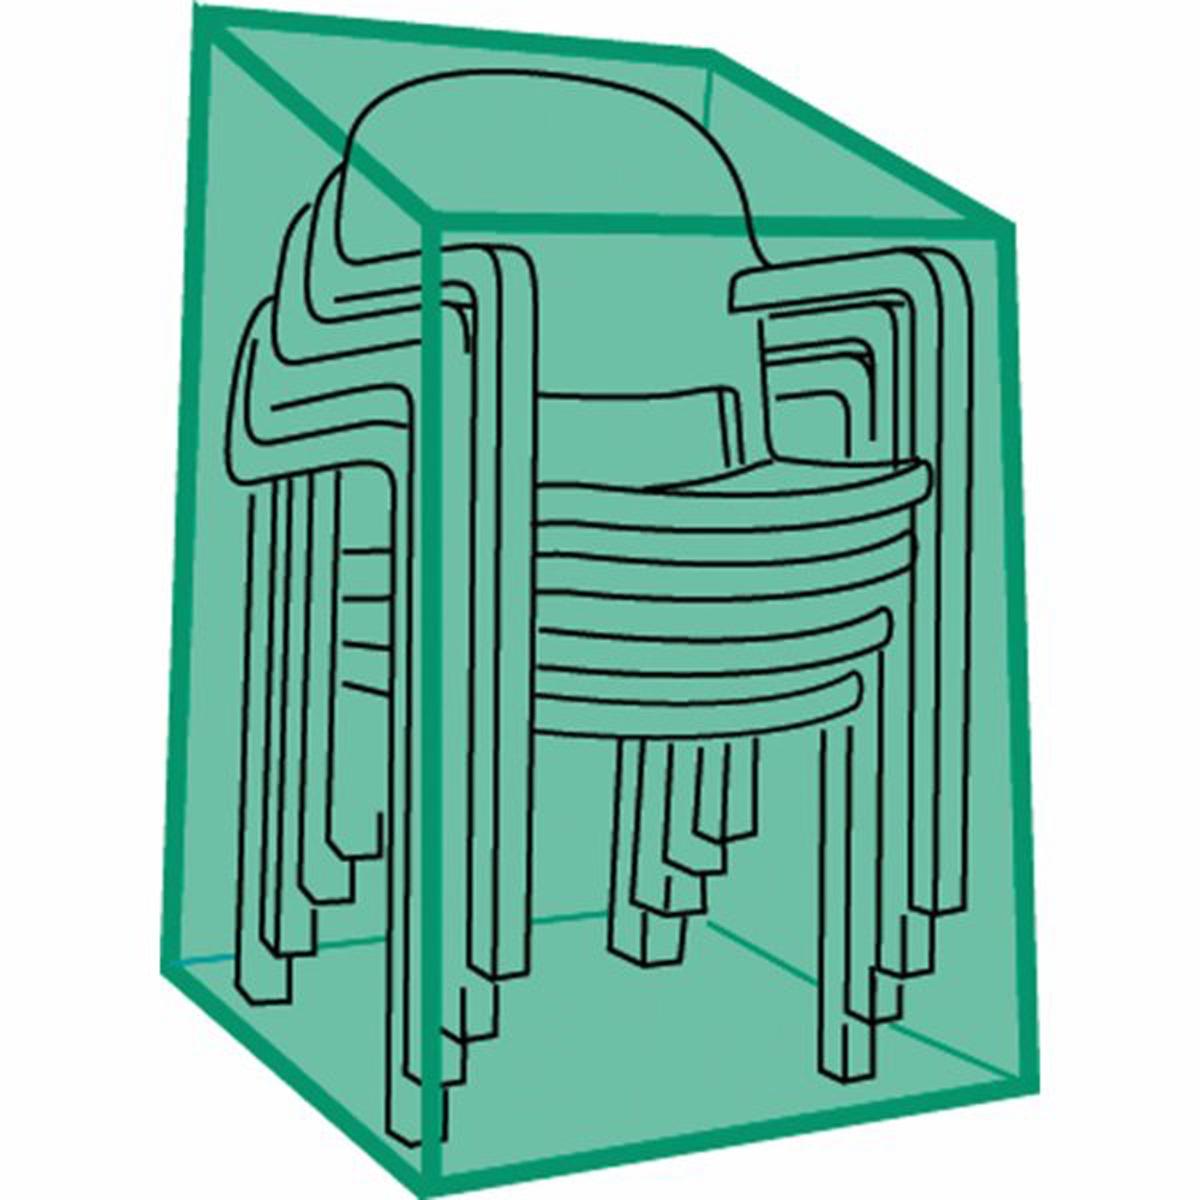 Чехол специальный для стульев и кресел